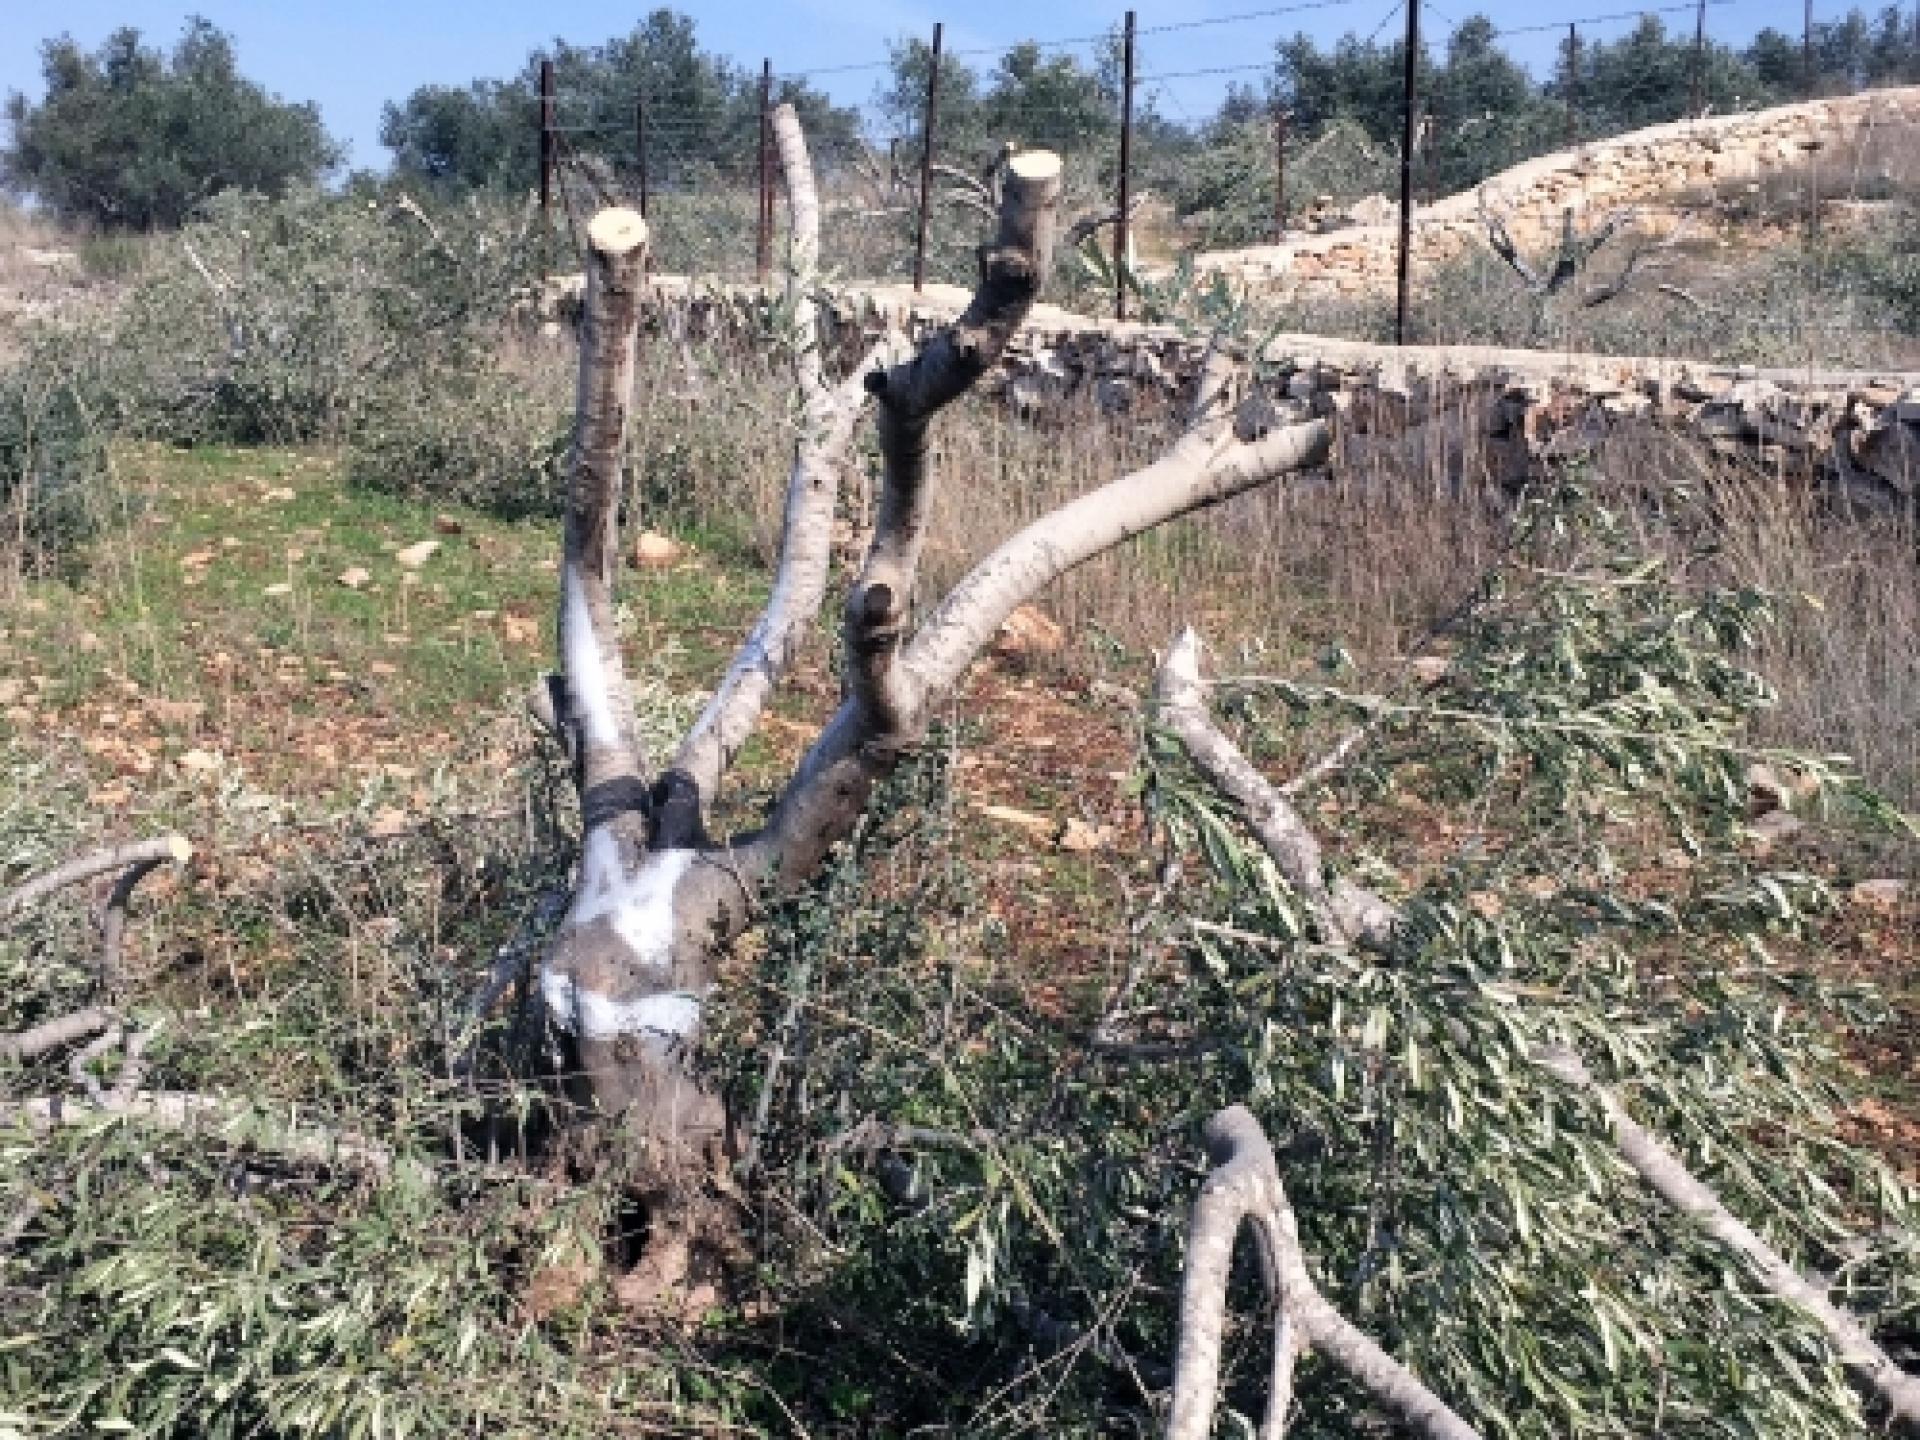 עצי הזית ופרנסה הפכו כביש עוקף